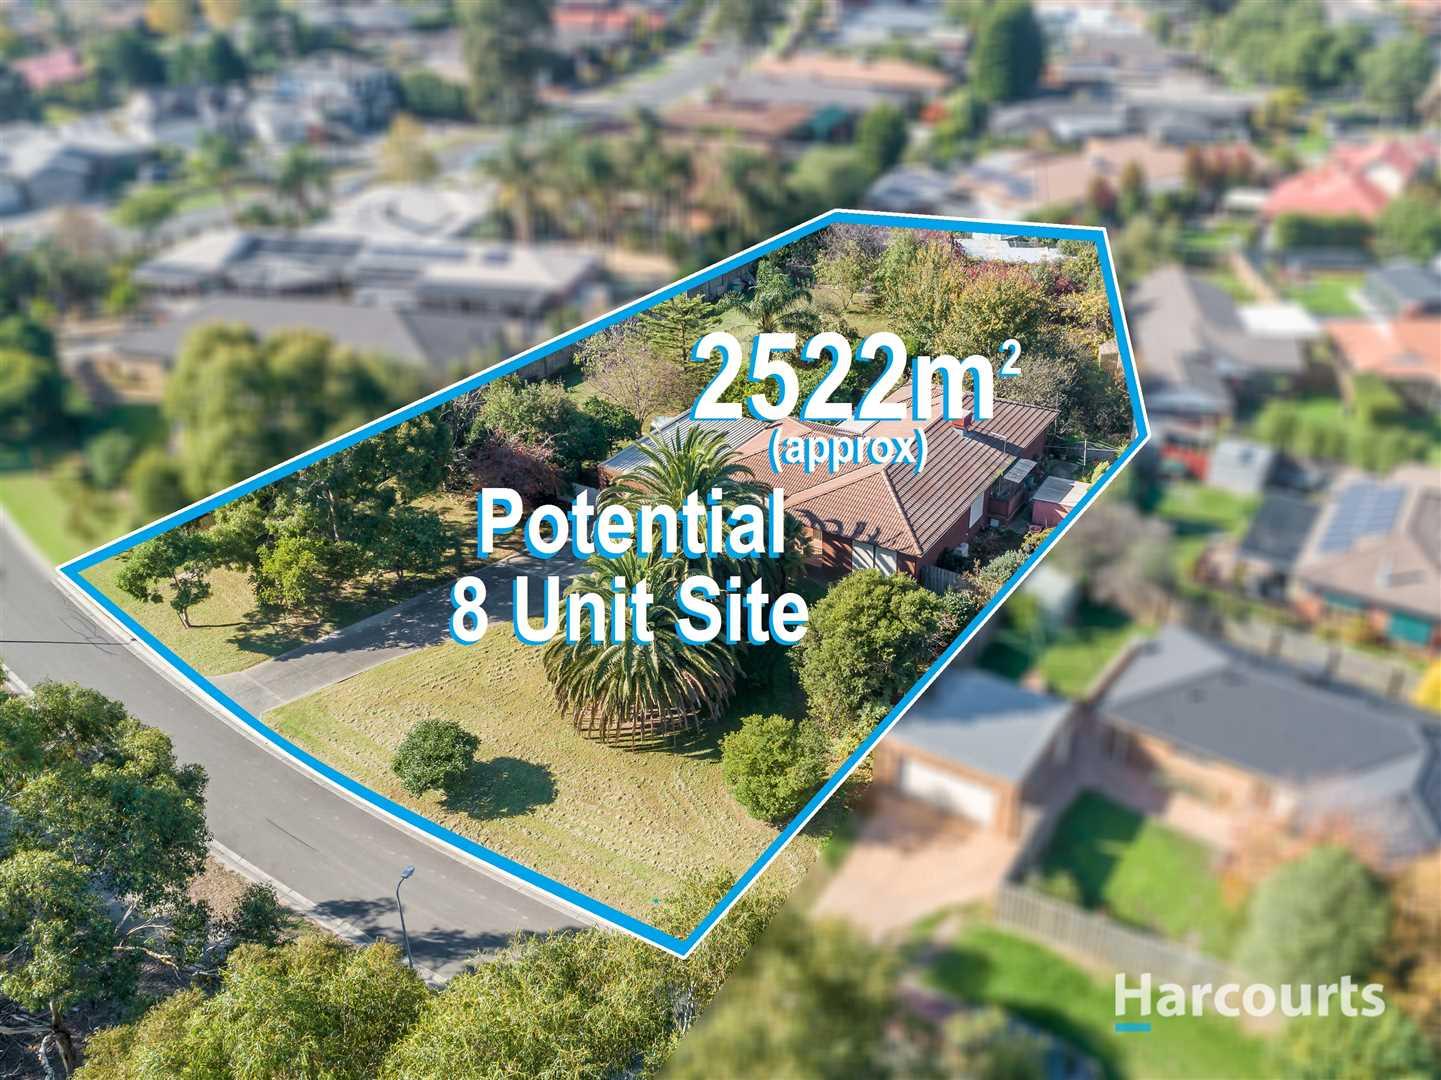 Potential 8 Unit Development Site